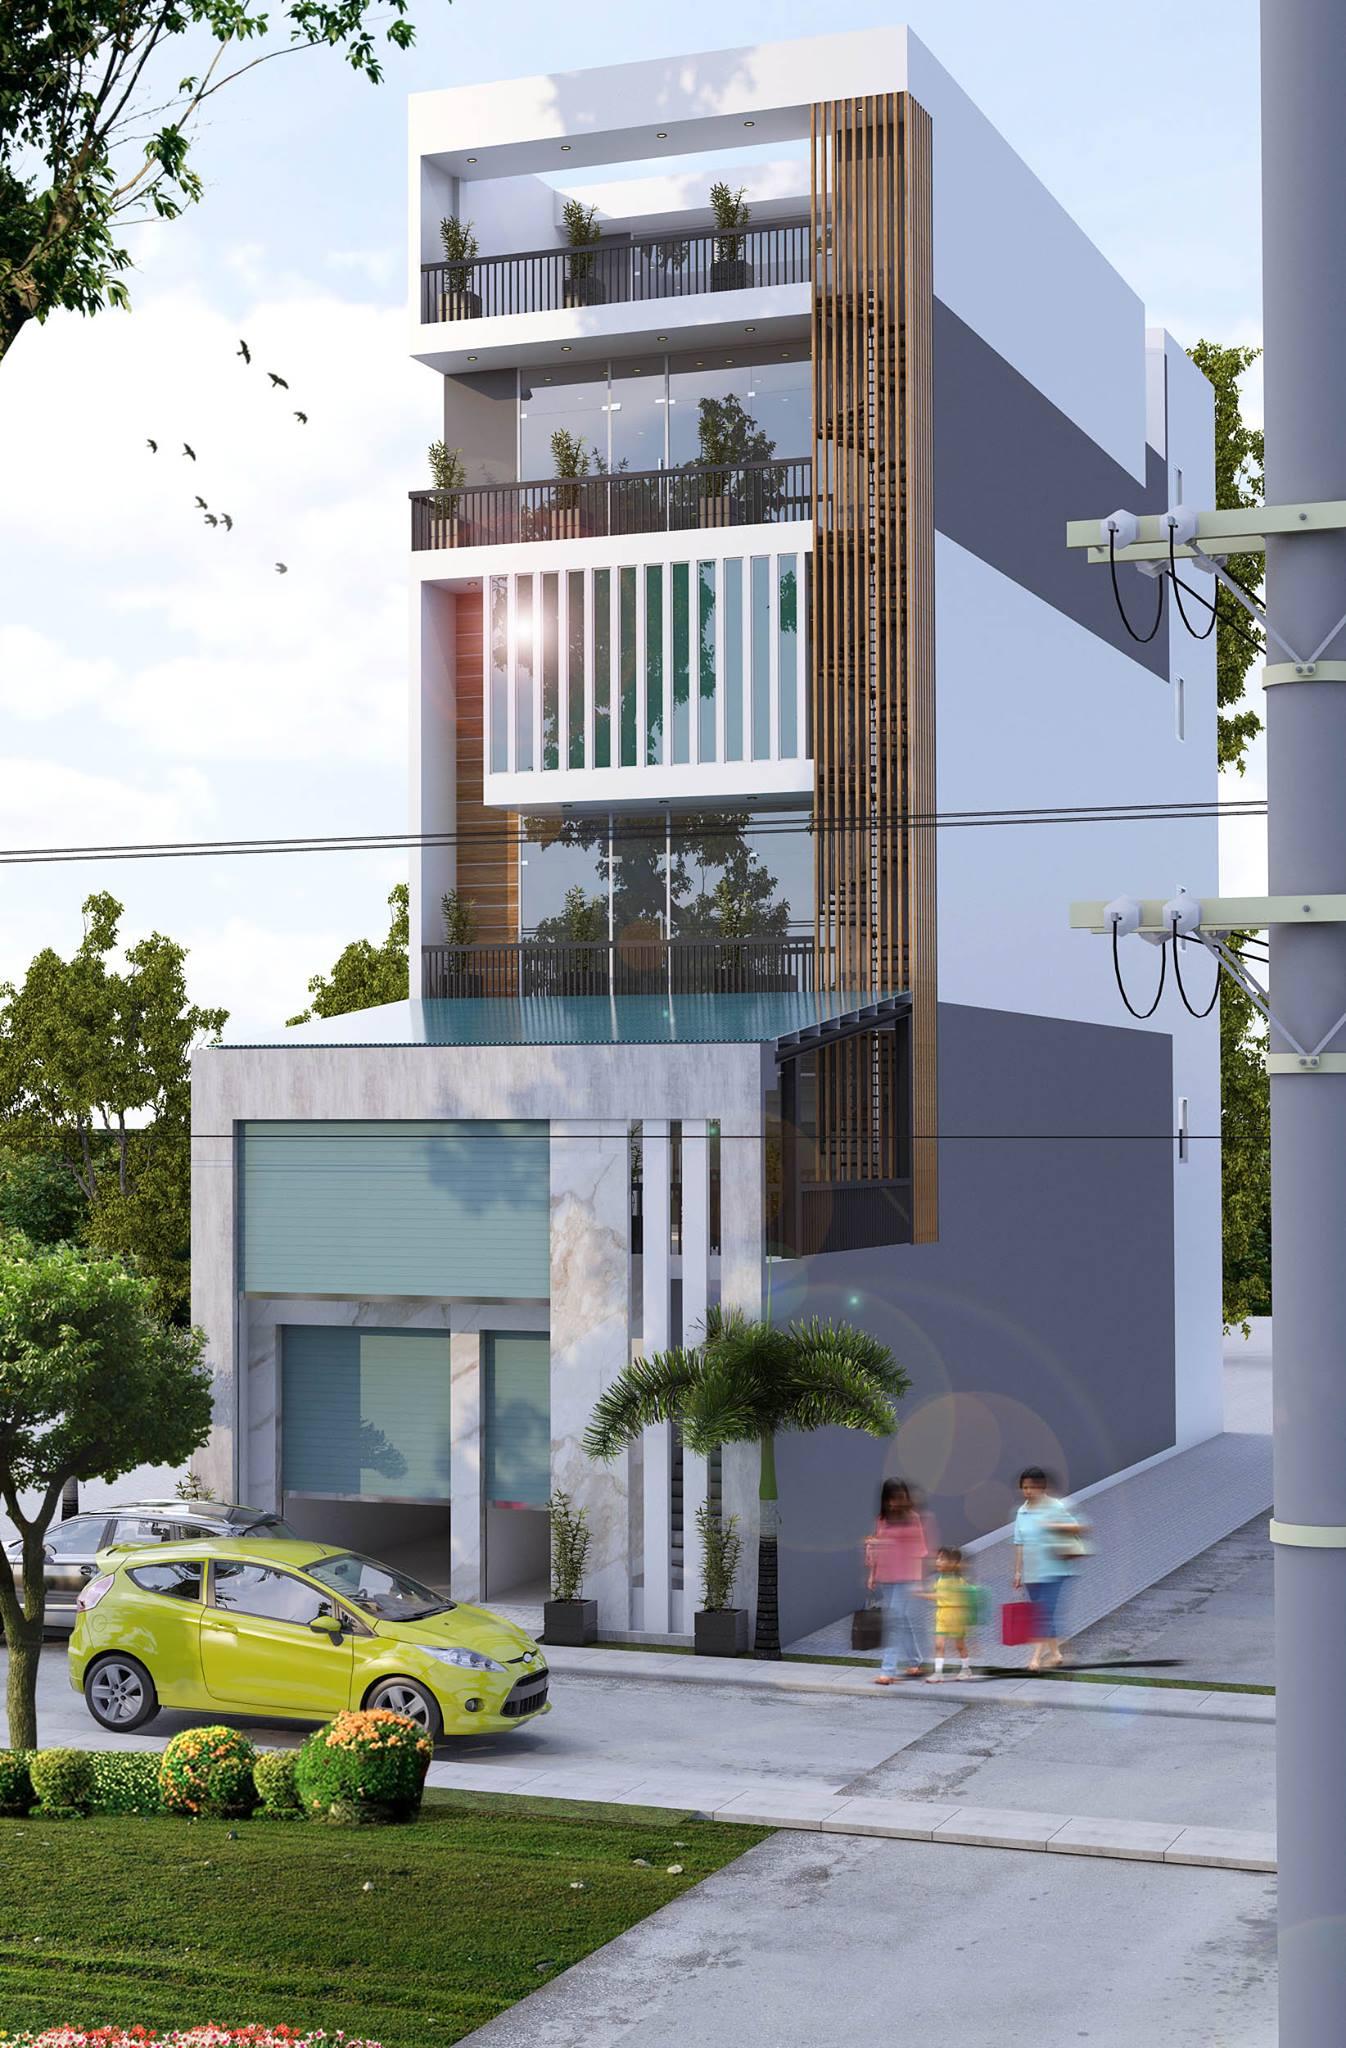 Những mẫu thiết kế nhà phố hiện đại đẹp hiện nay